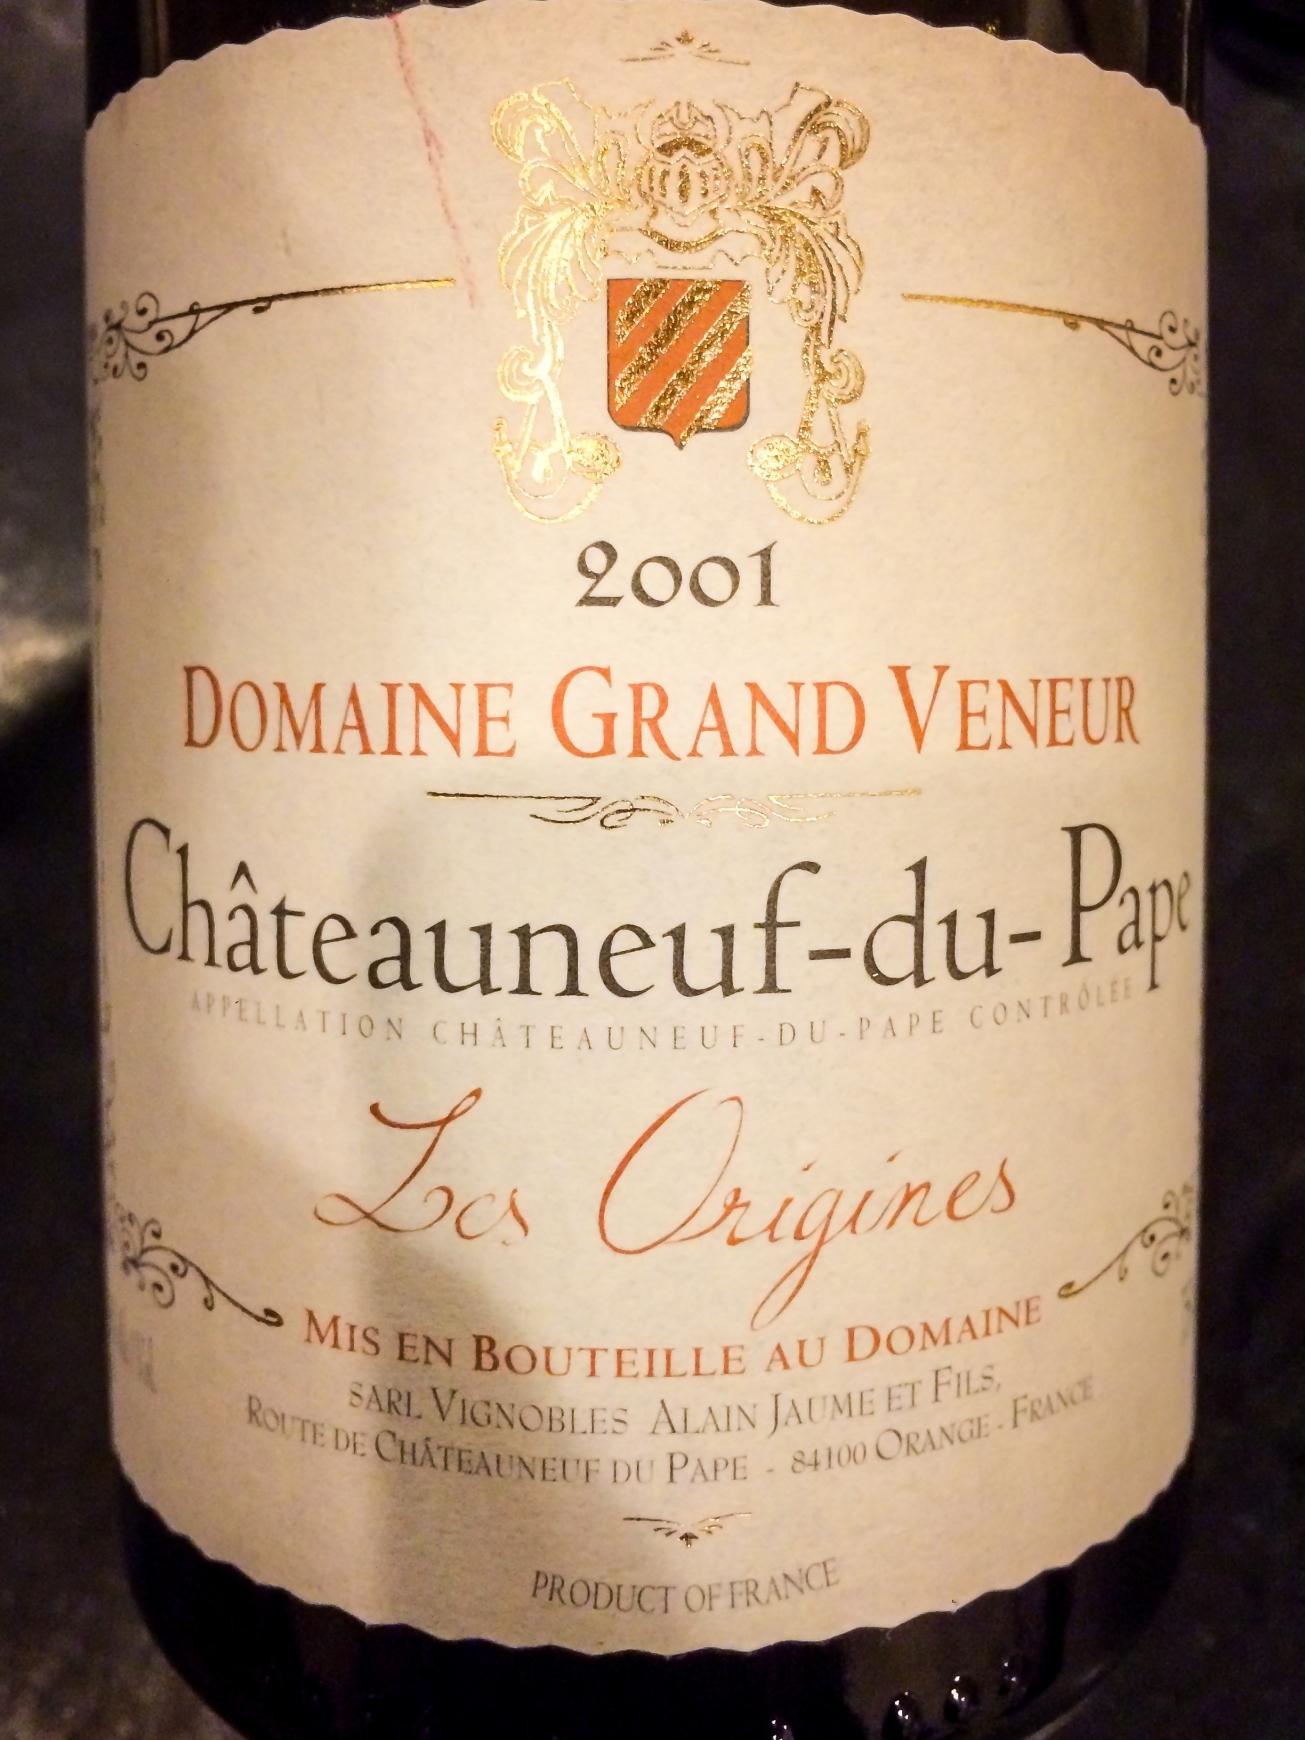 2001 Domaine Grand Veneur Châteauneuf-du-Pape Les Origines